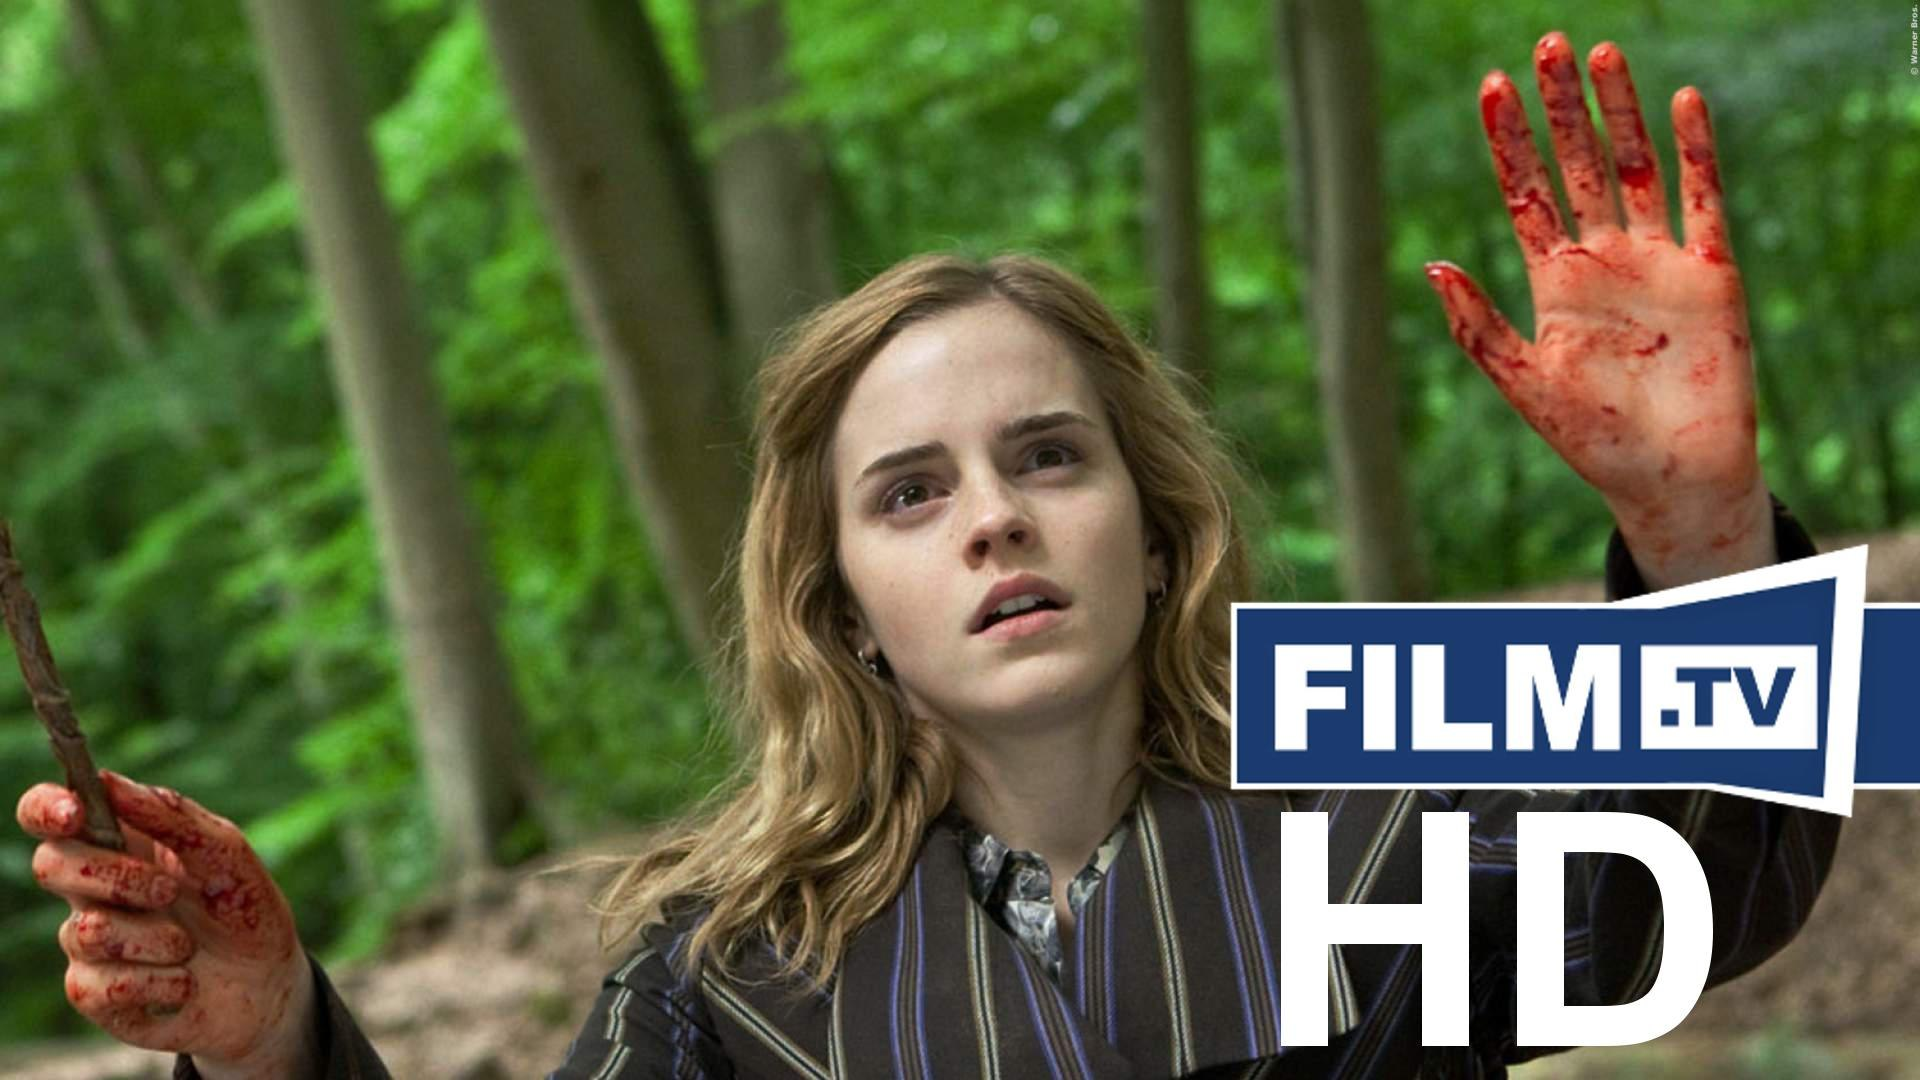 Harry Potter Und Die Heiligtumer Des Todes Teil 1 Trailer Harry Potter 7 2010 Video Dailymotion